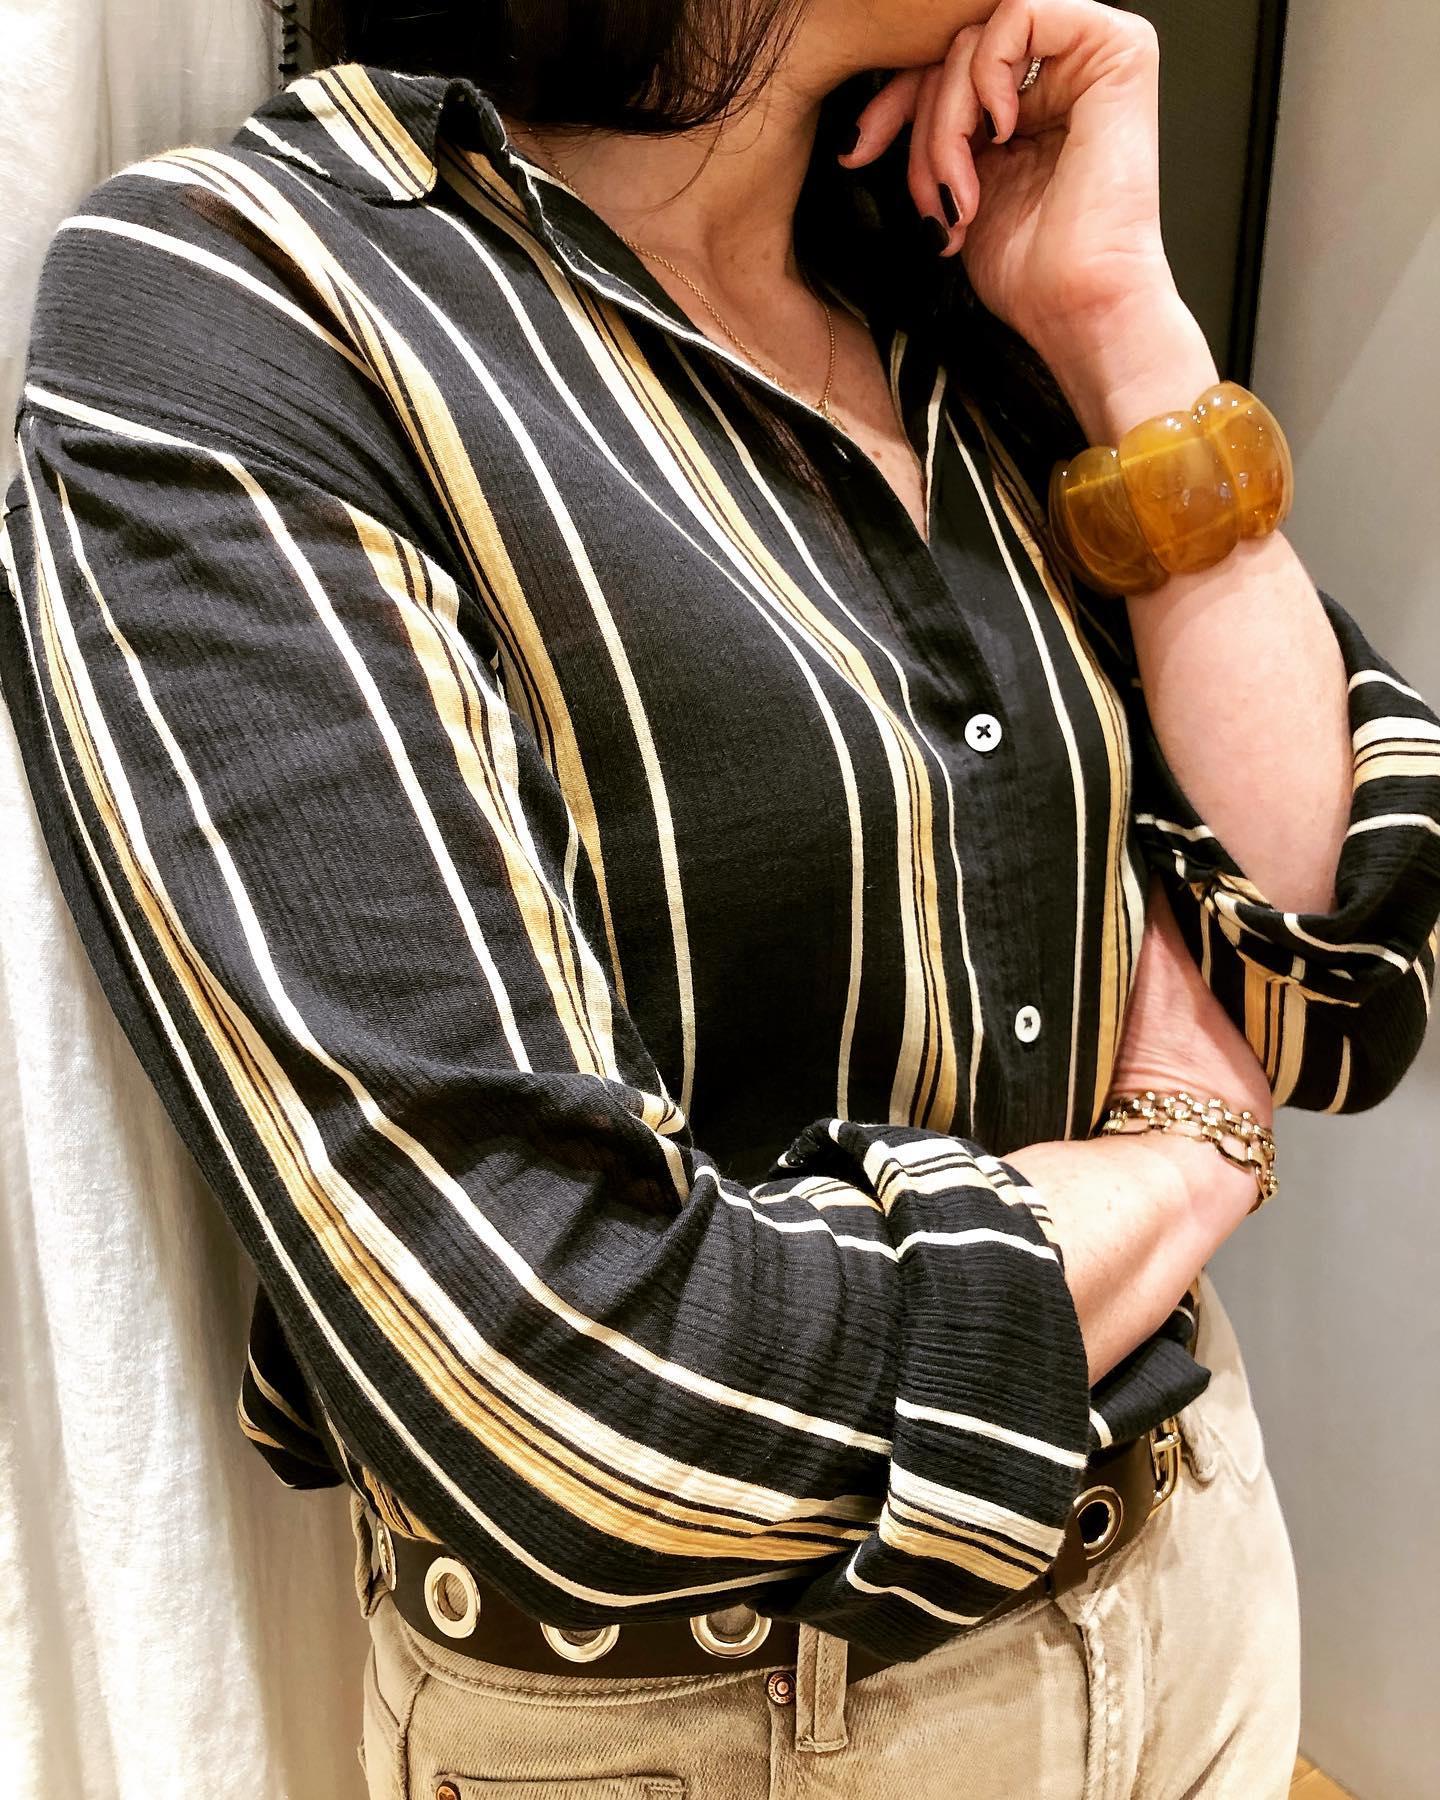 Réfléchir à la suite... Click&collect 🙌 Chemise coton rayé #chemise #cotonhttps://www.instagram.com/p/CMnRW0wFjwk/